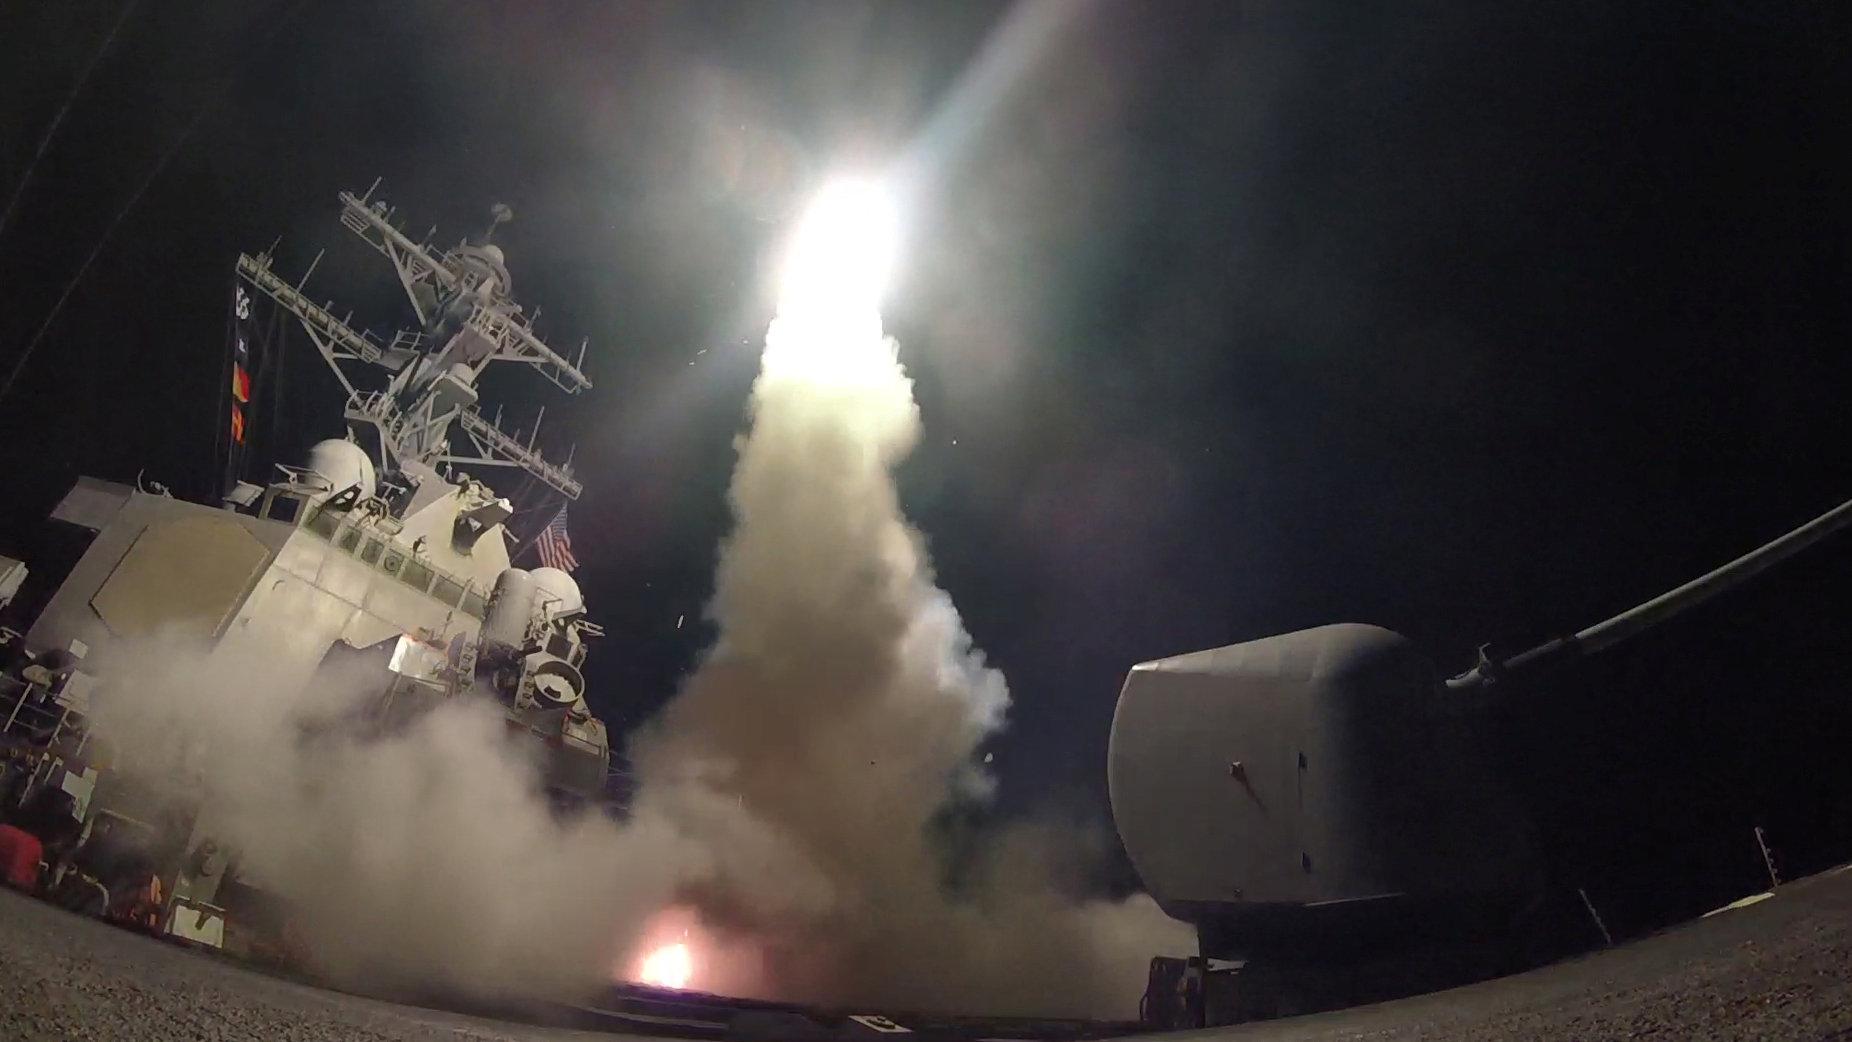 ¿Qué se sabe sobre la base siria atacada por Estados Unidos?